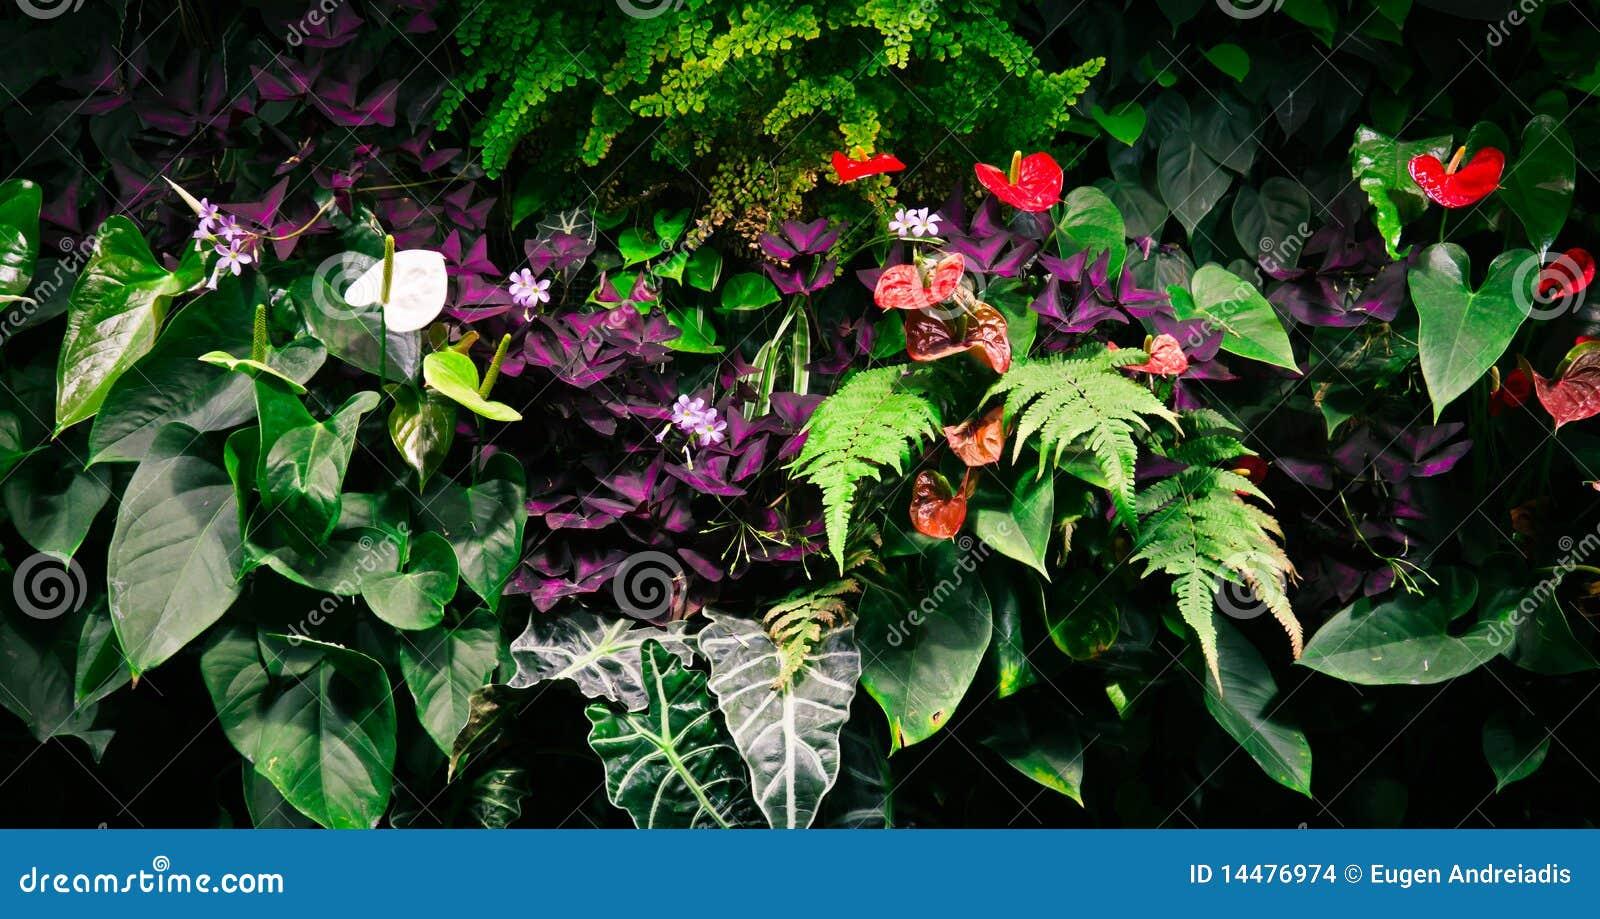 flores tropicais jardim : flores tropicais jardim: jardim vertical completamente de plantas tropicais e de flores